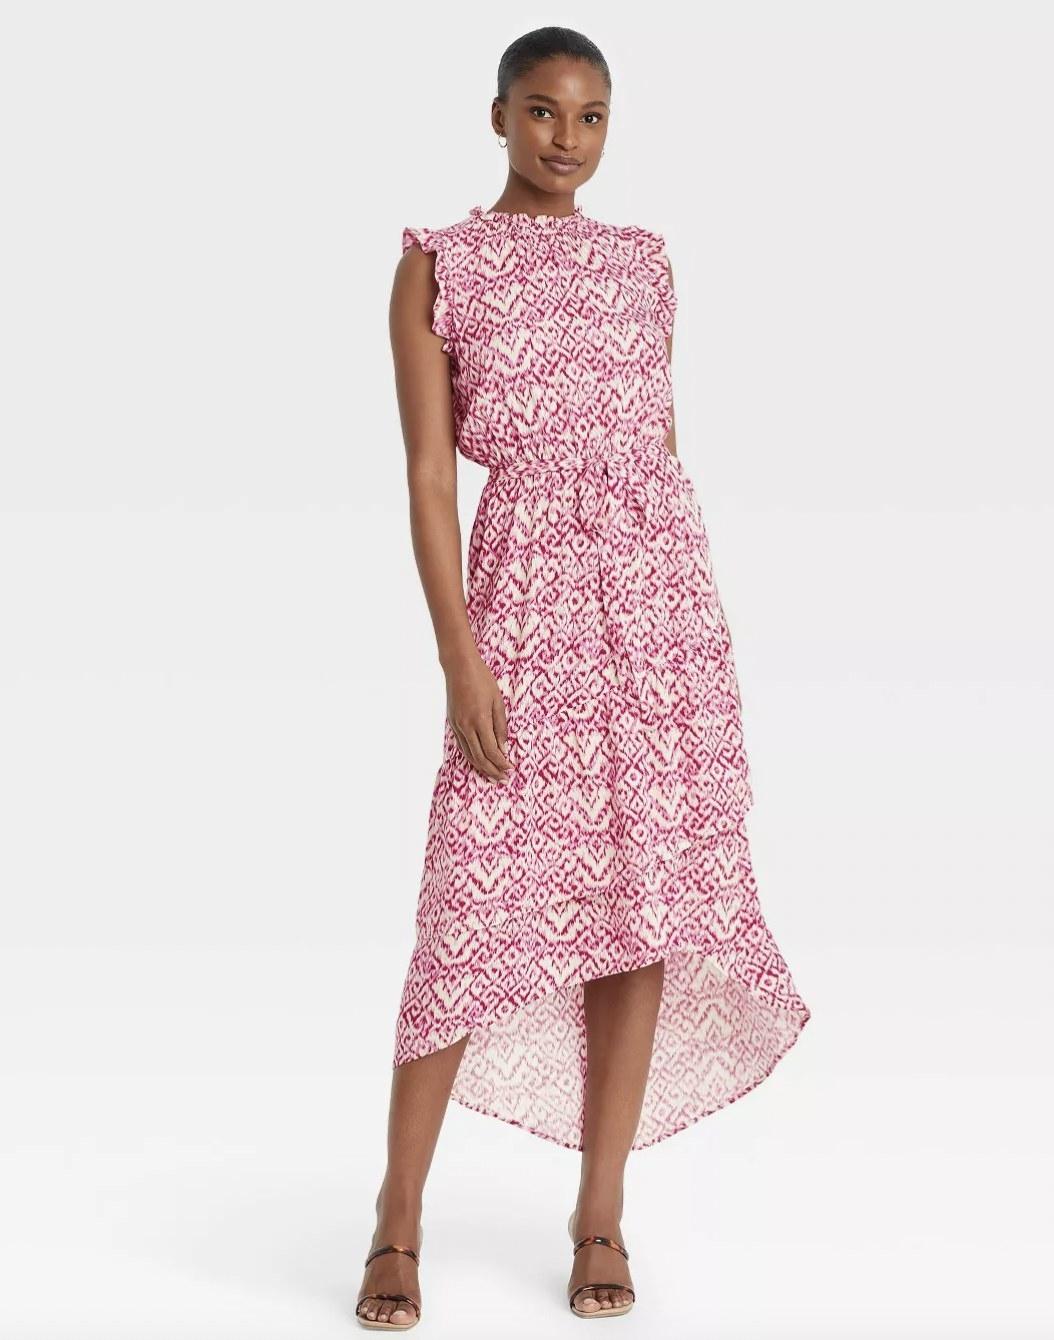 A woman wearing a pink and white pattern dress